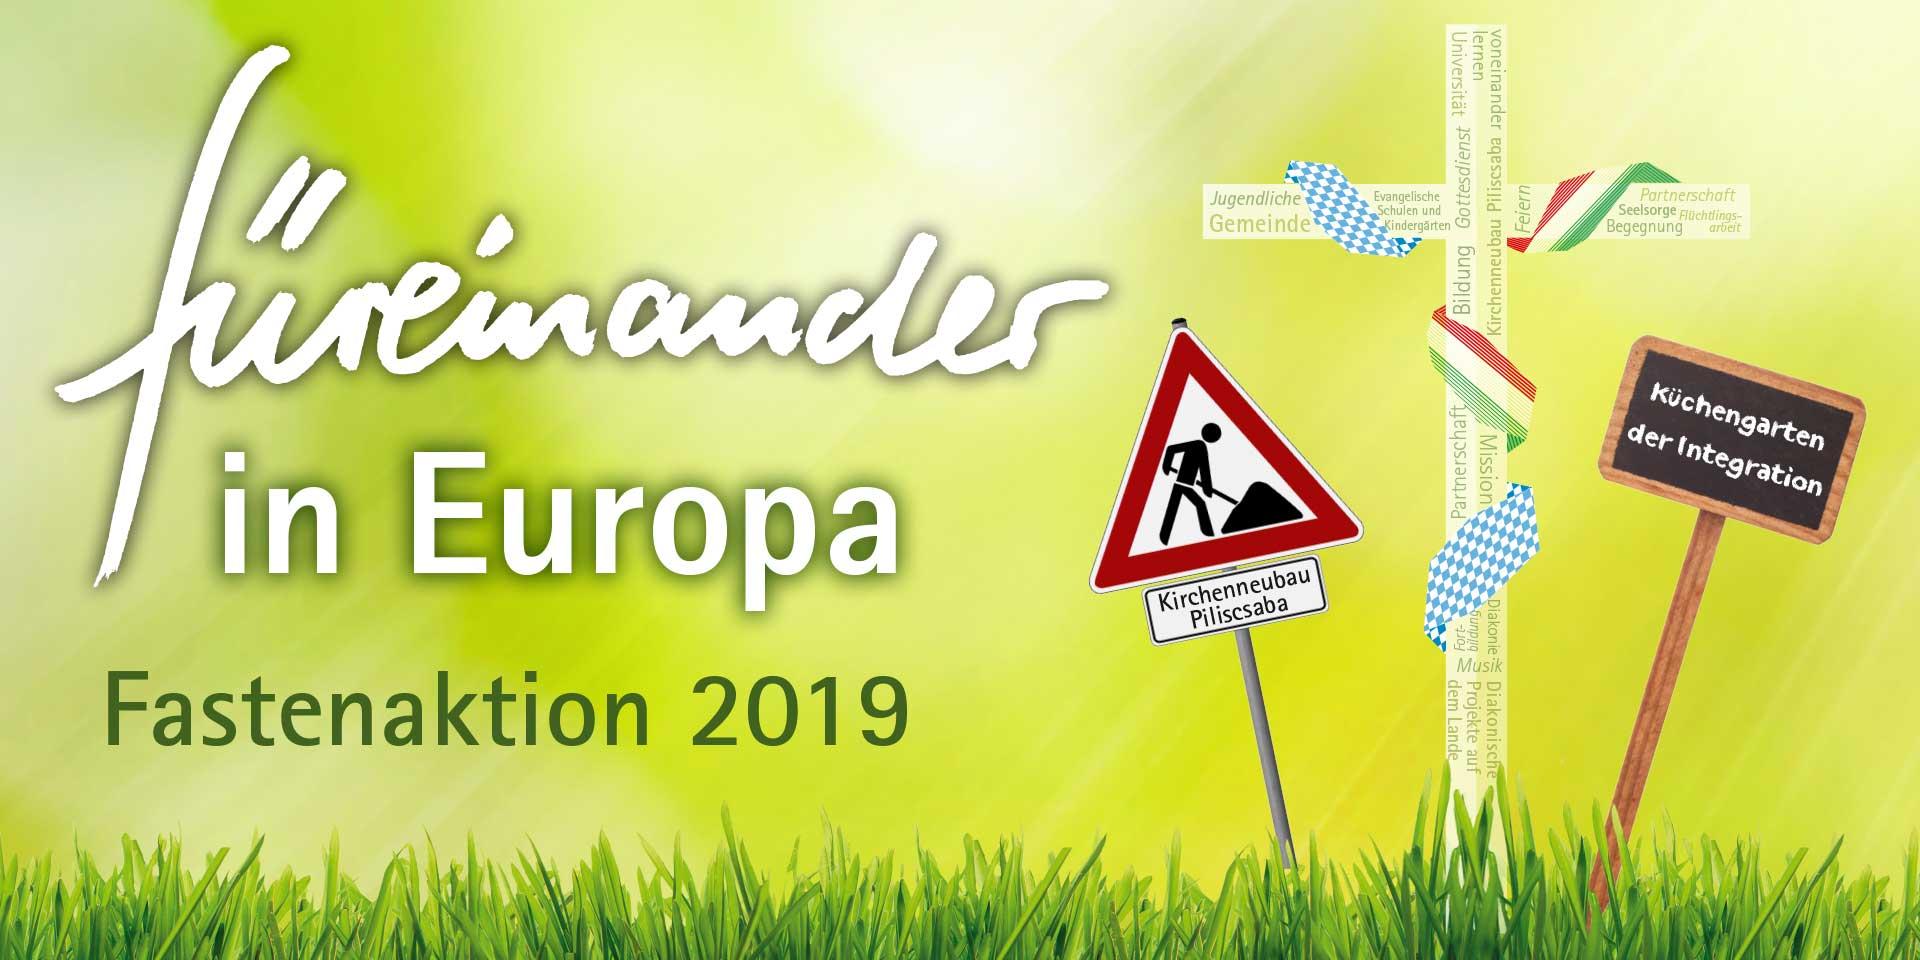 Fastenaktion 2019 Plakat, © ELKB